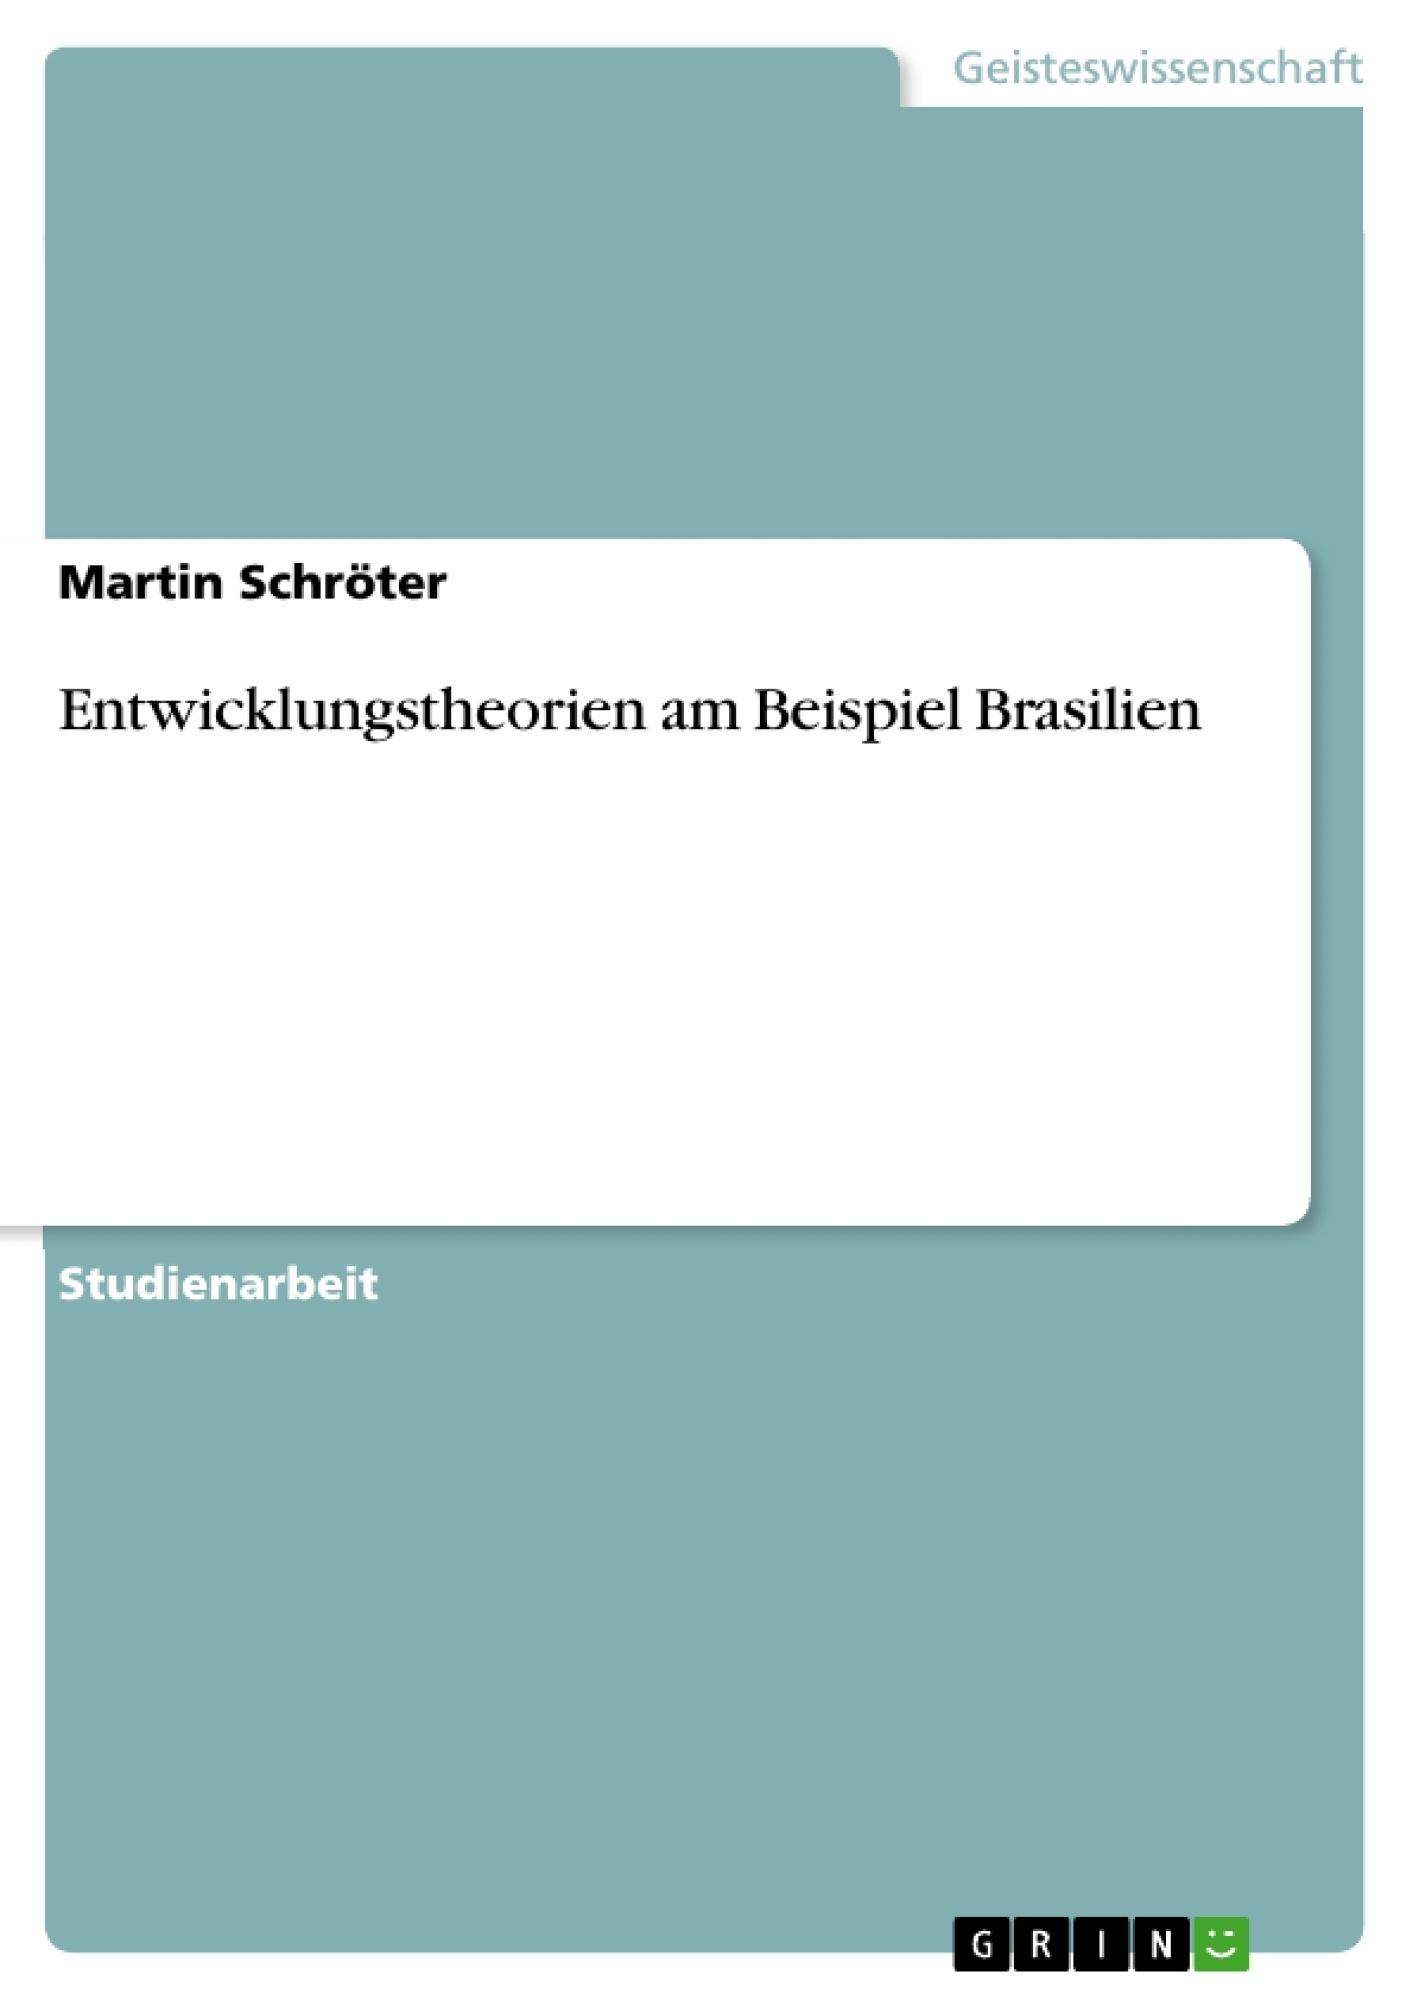 Titel: Entwicklungstheorien am Beispiel Brasilien